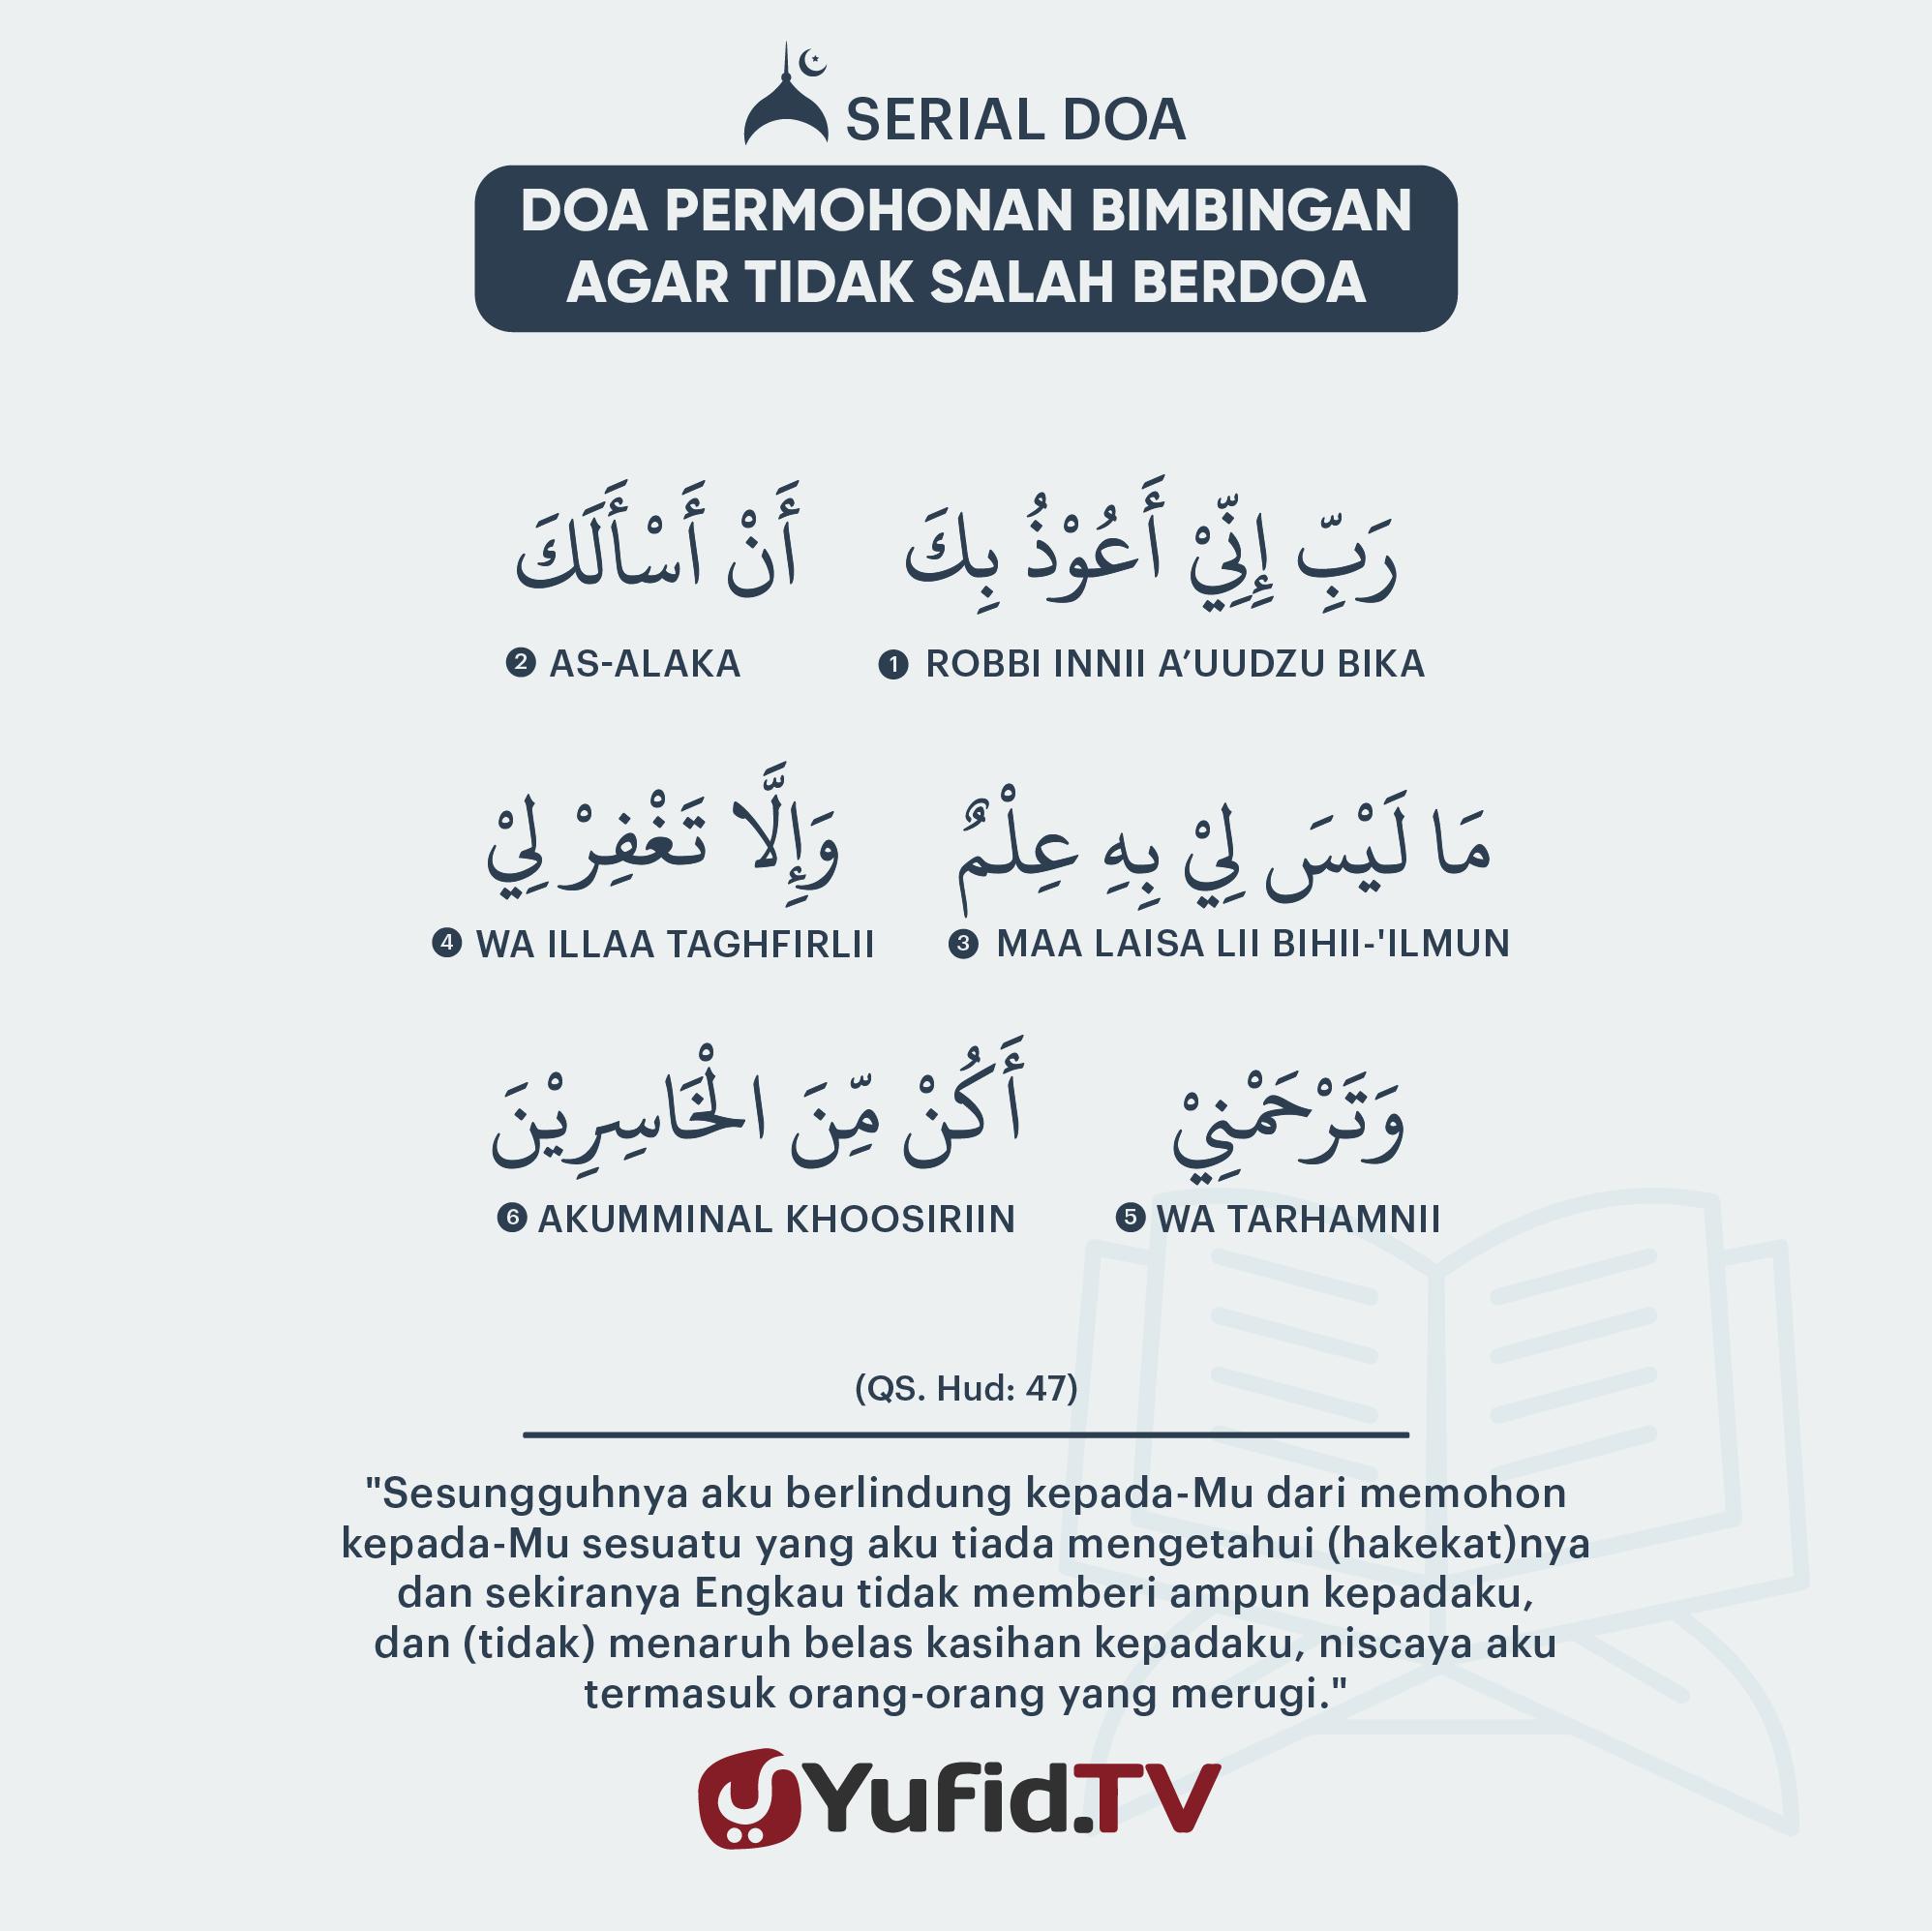 Doa Permohonan Bimbingan agar Tidak Salah Berdoa